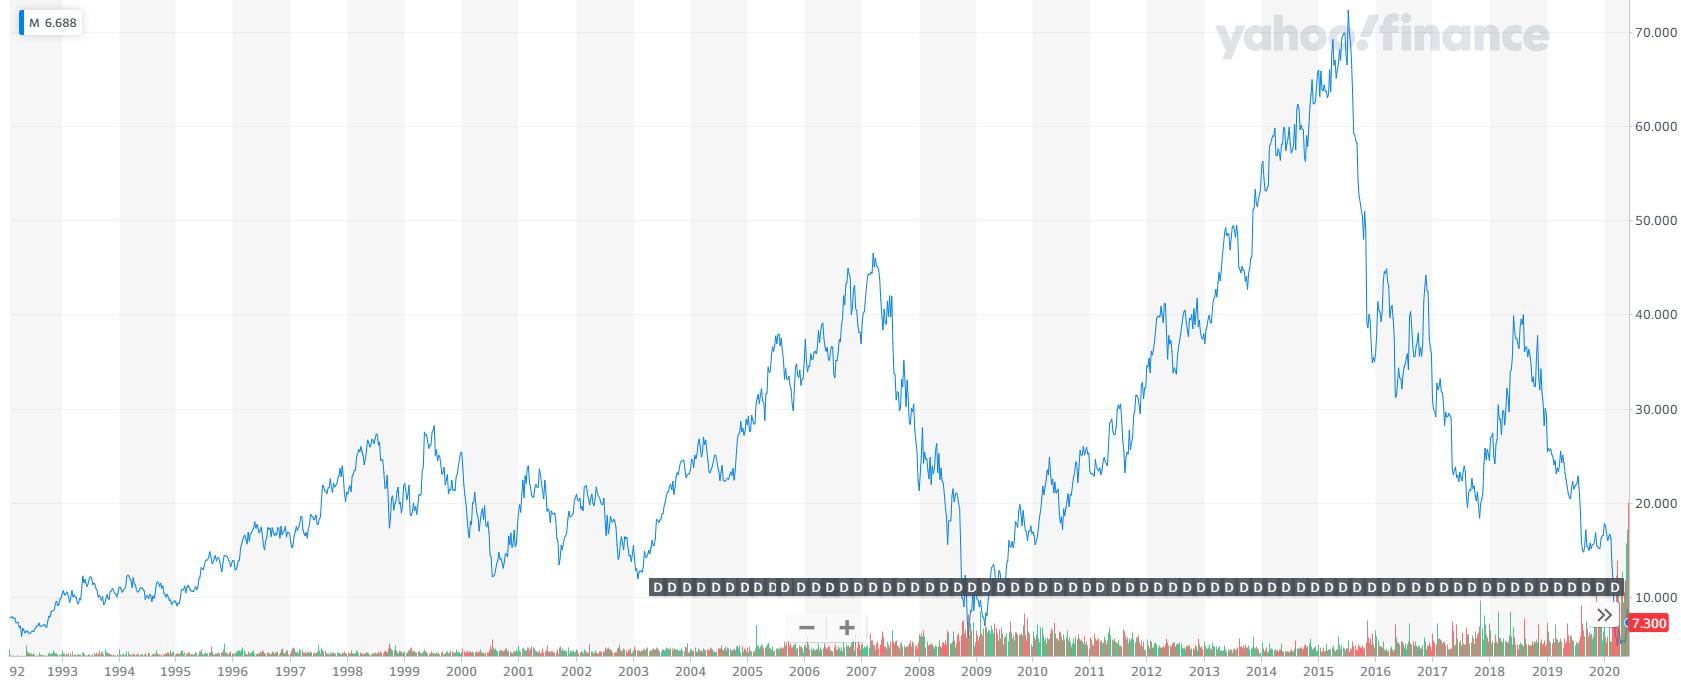 利回り 配当 ランキング 株 米国